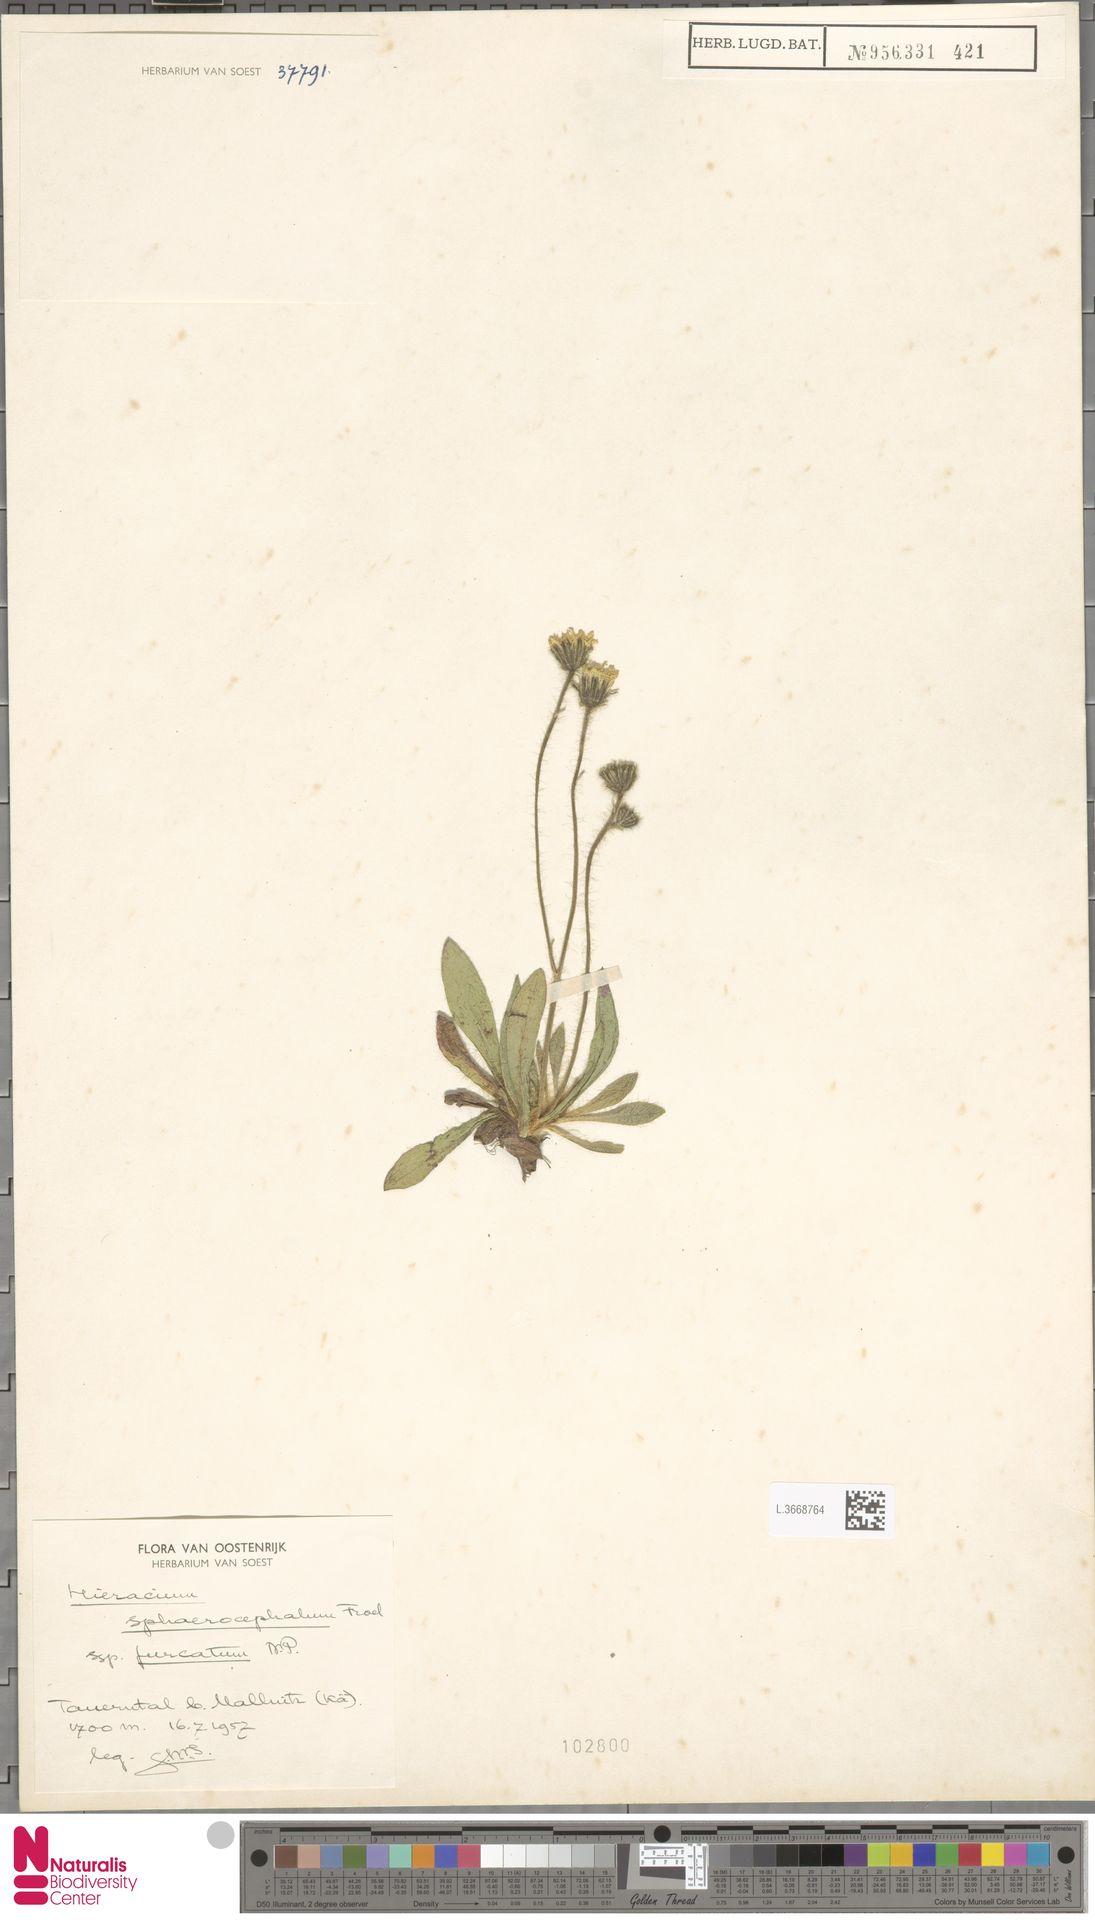 L.3668764 | Hieracium sphaerocephalum subsp. furcatum (Hoppe) Zahn